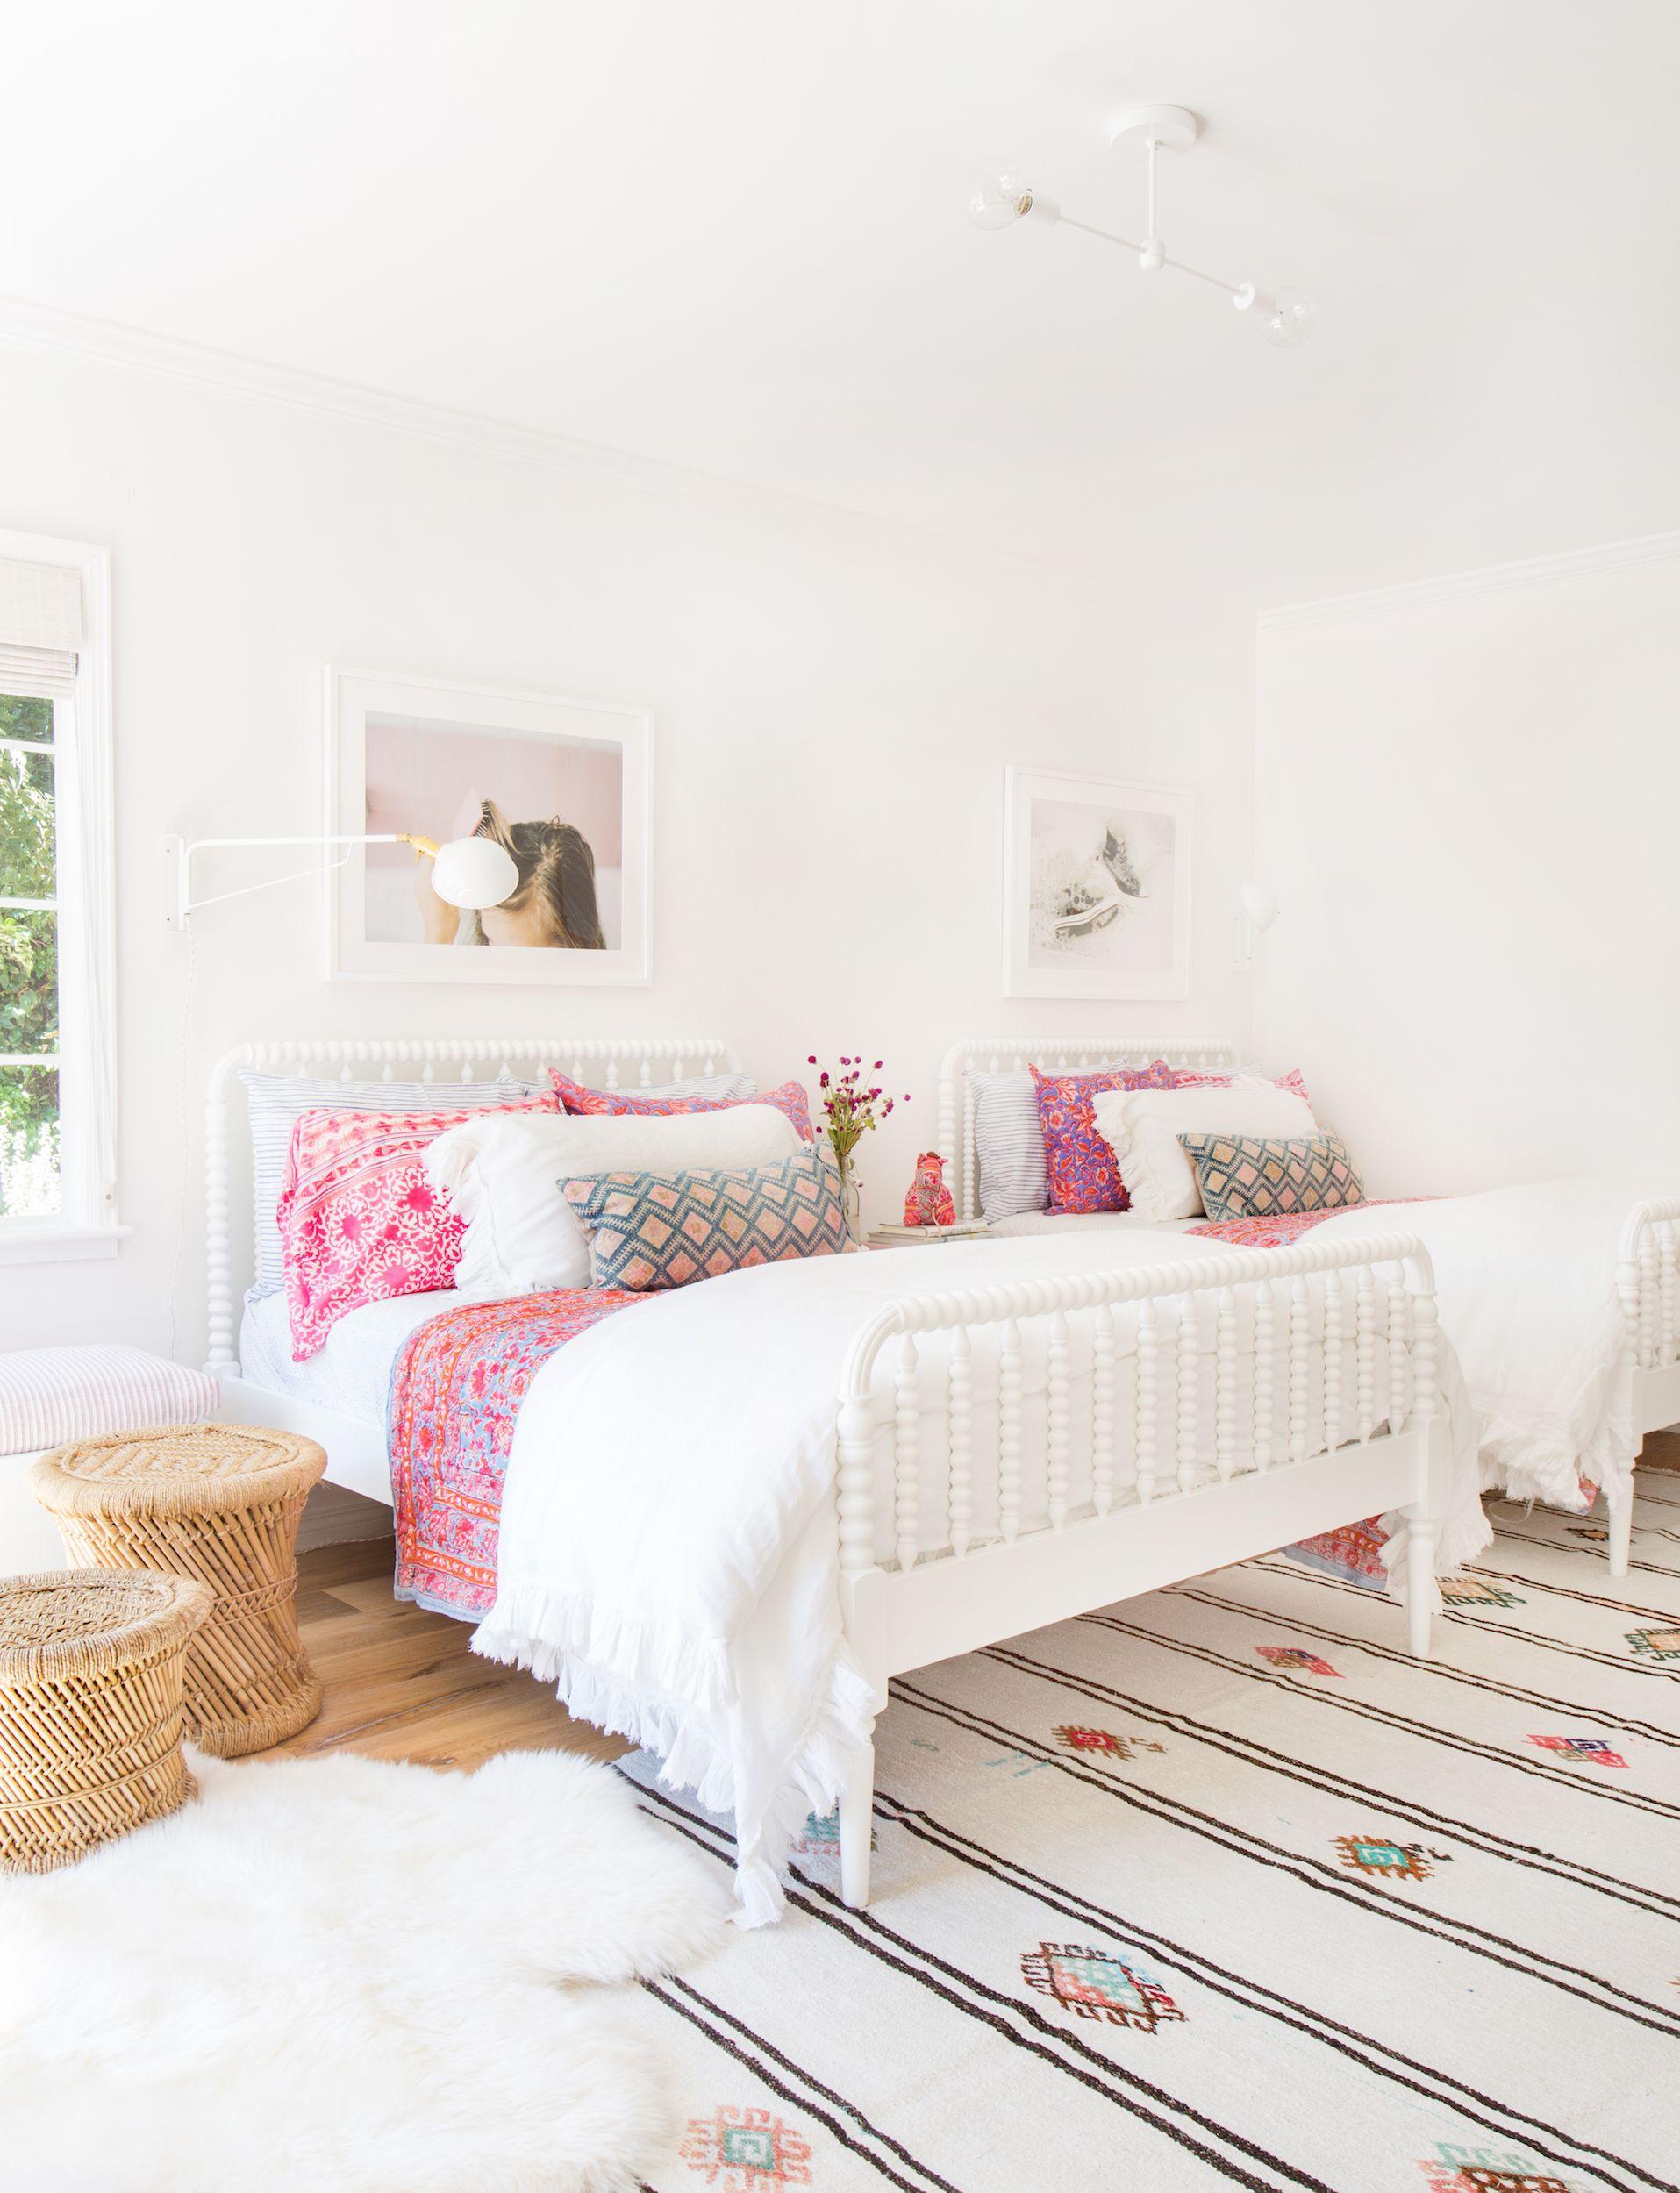 10 Best Teen Bedroom Ideas - Cool Teenage Room Decor for ... on Teenage Room Decoration  id=98975